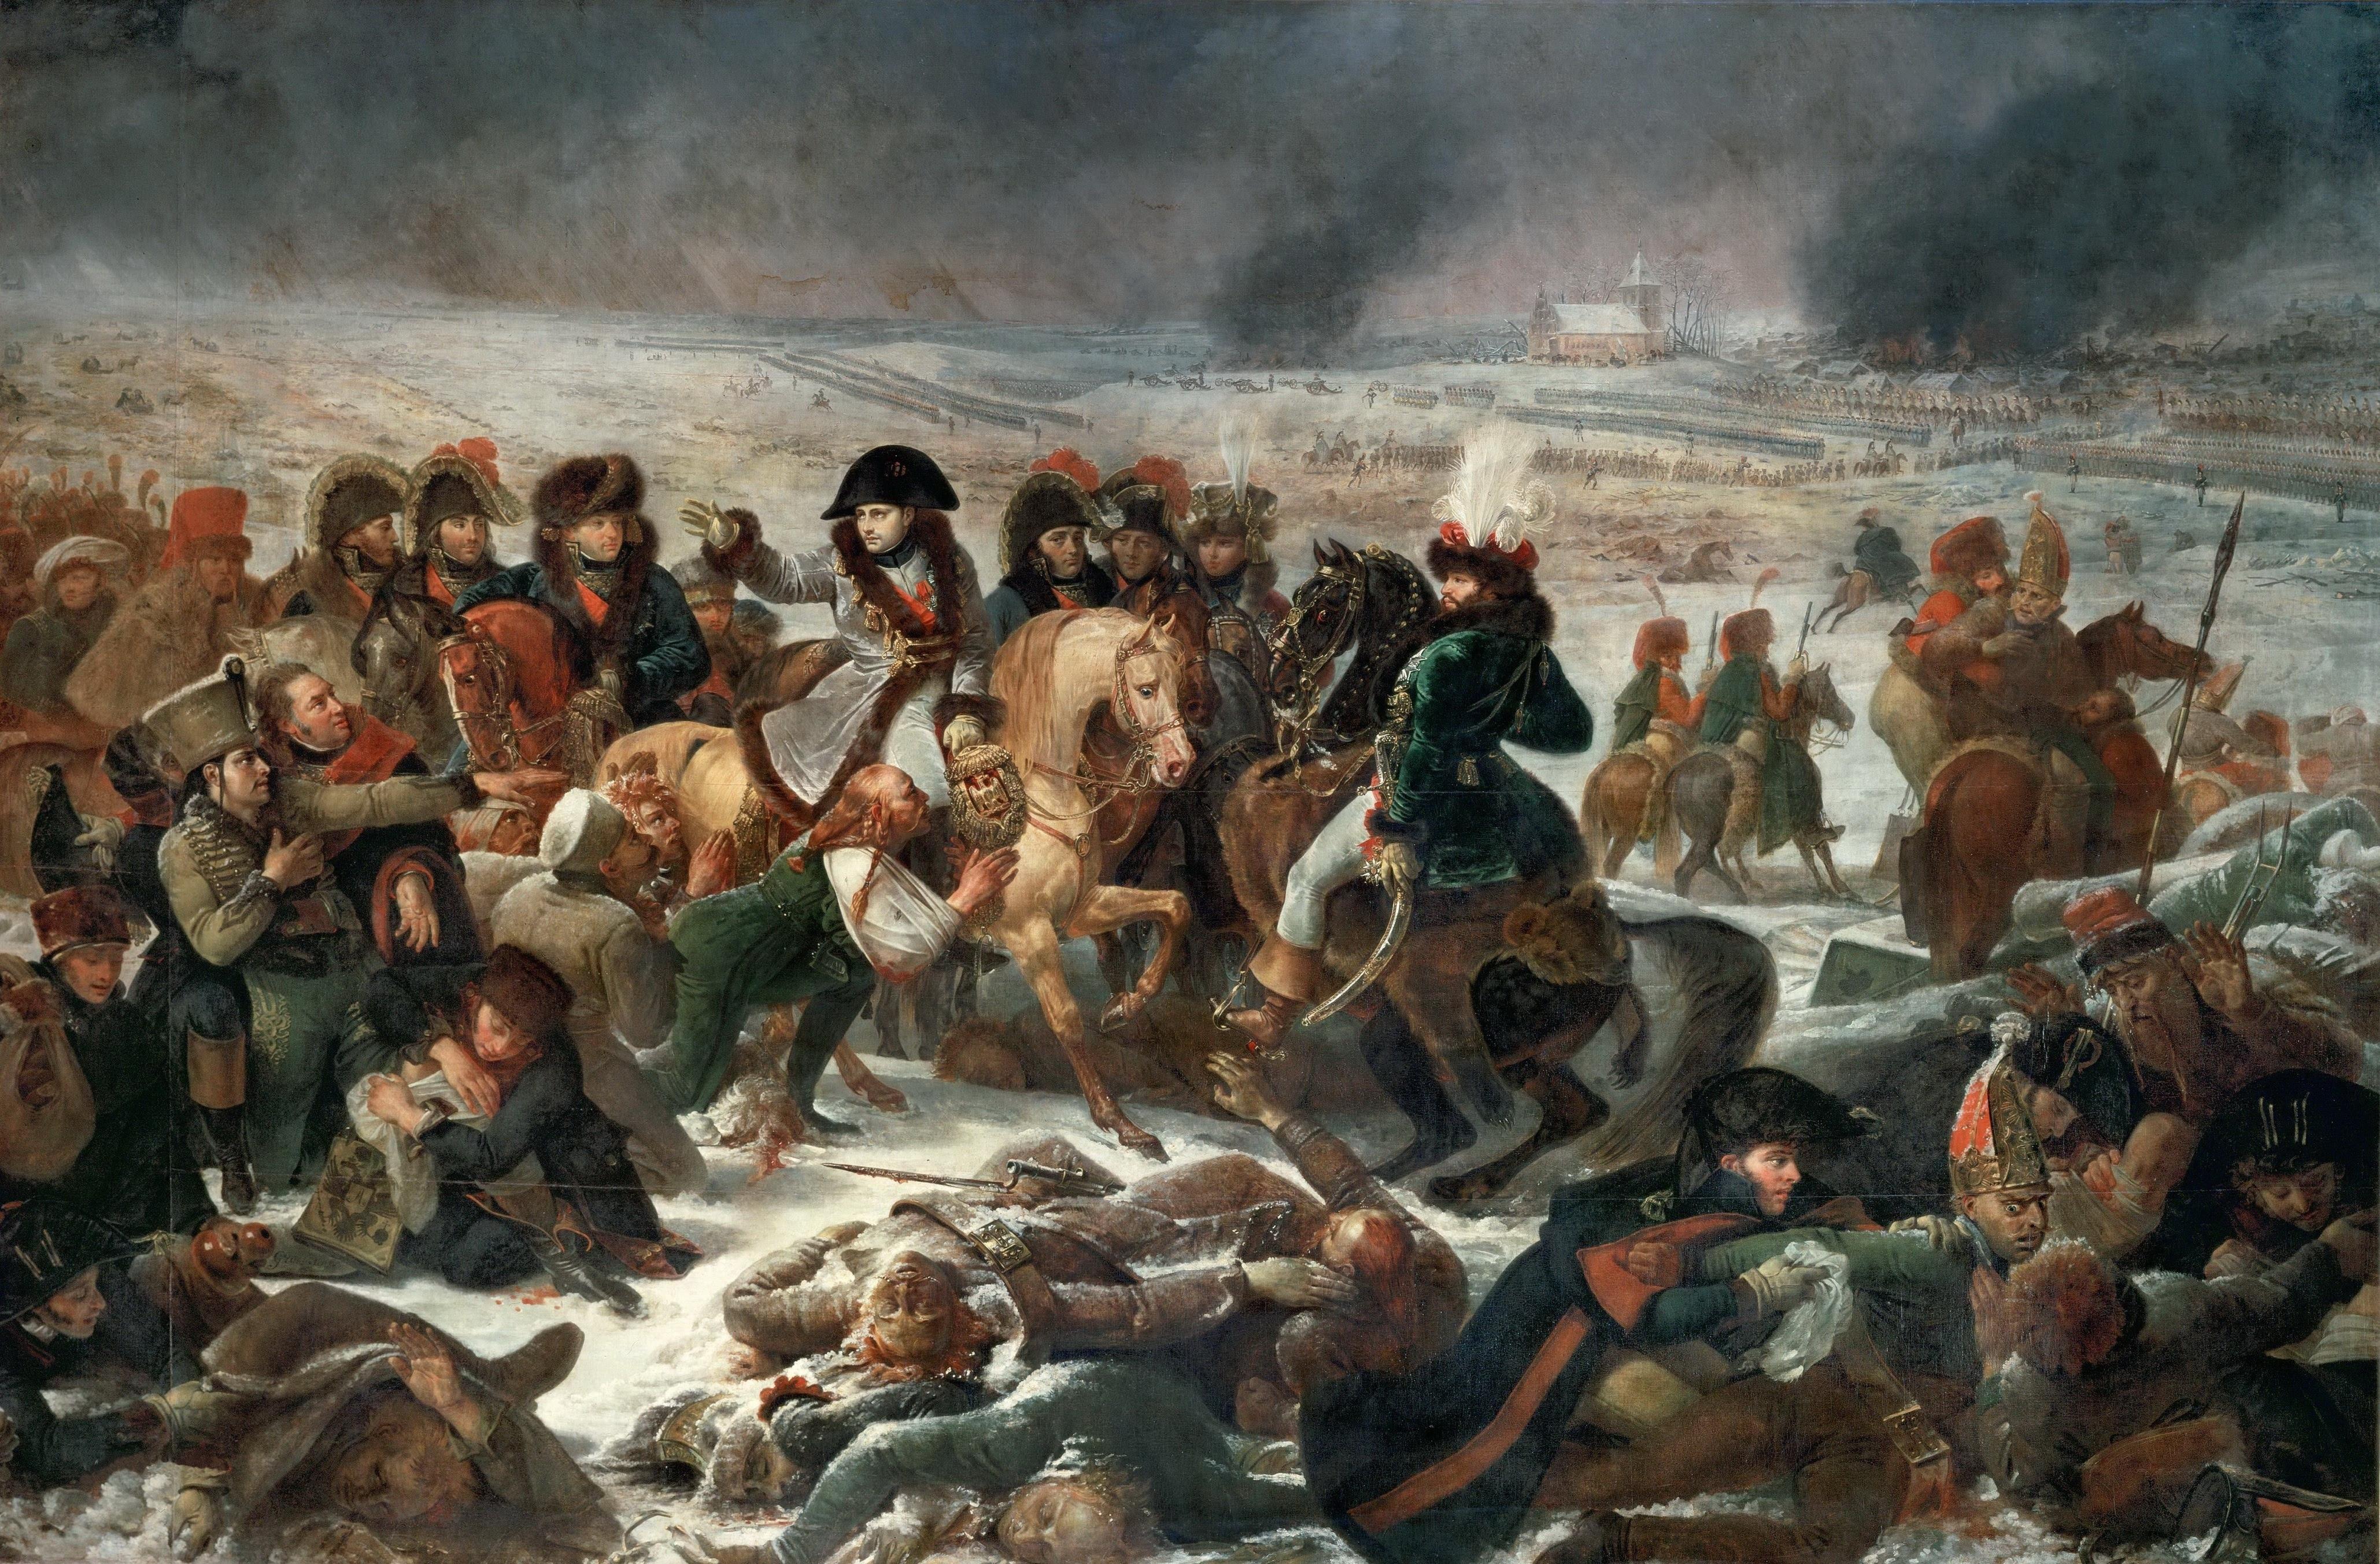 File:Gros, Napoleon at Eylau.jpg